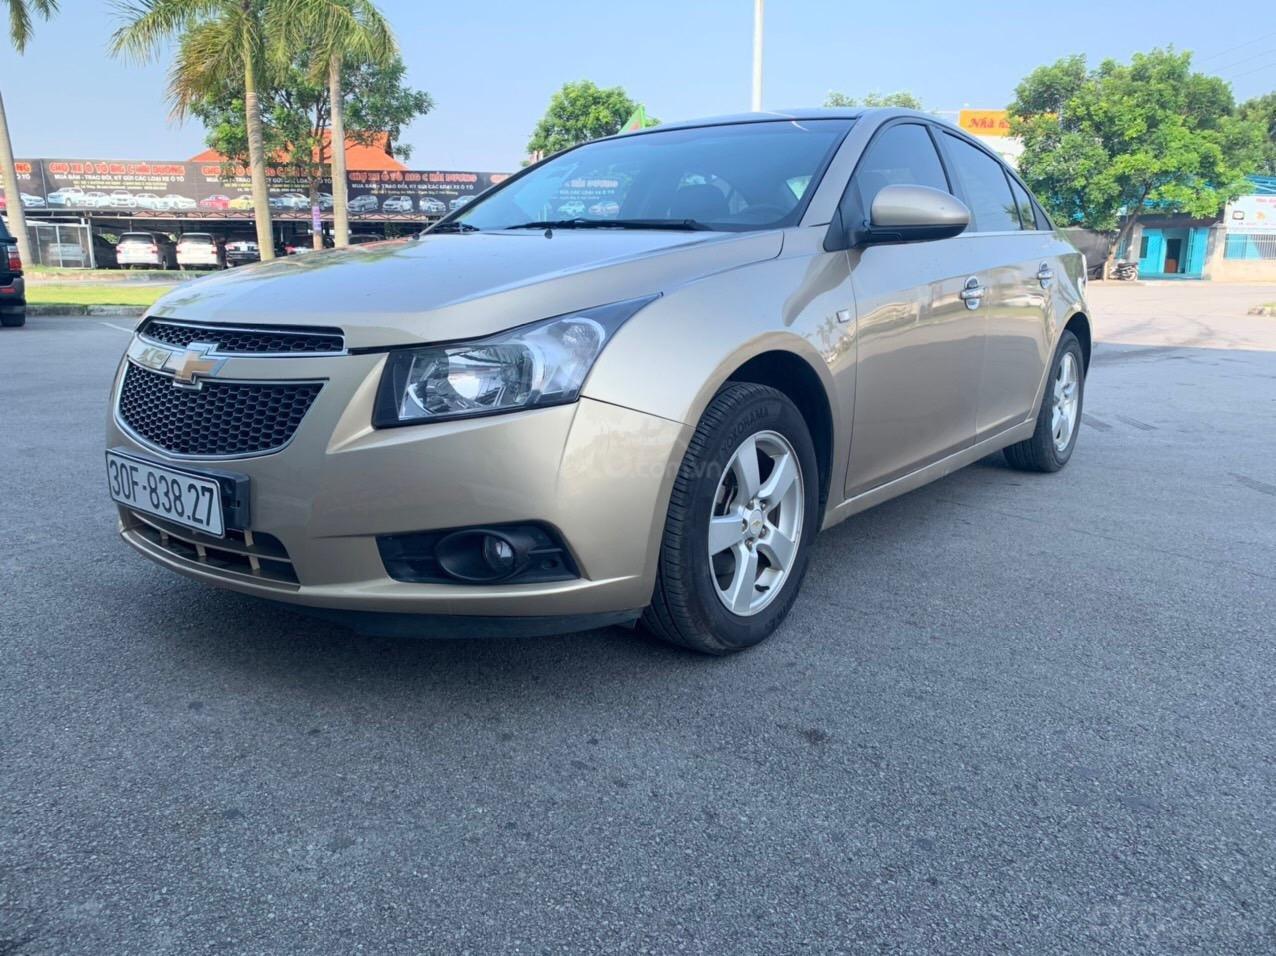 Cần bán Chevrolet Cruze sx 2013 số sàn 1.6 màu vàng - Quang Tiệp 0865.567.369 (3)